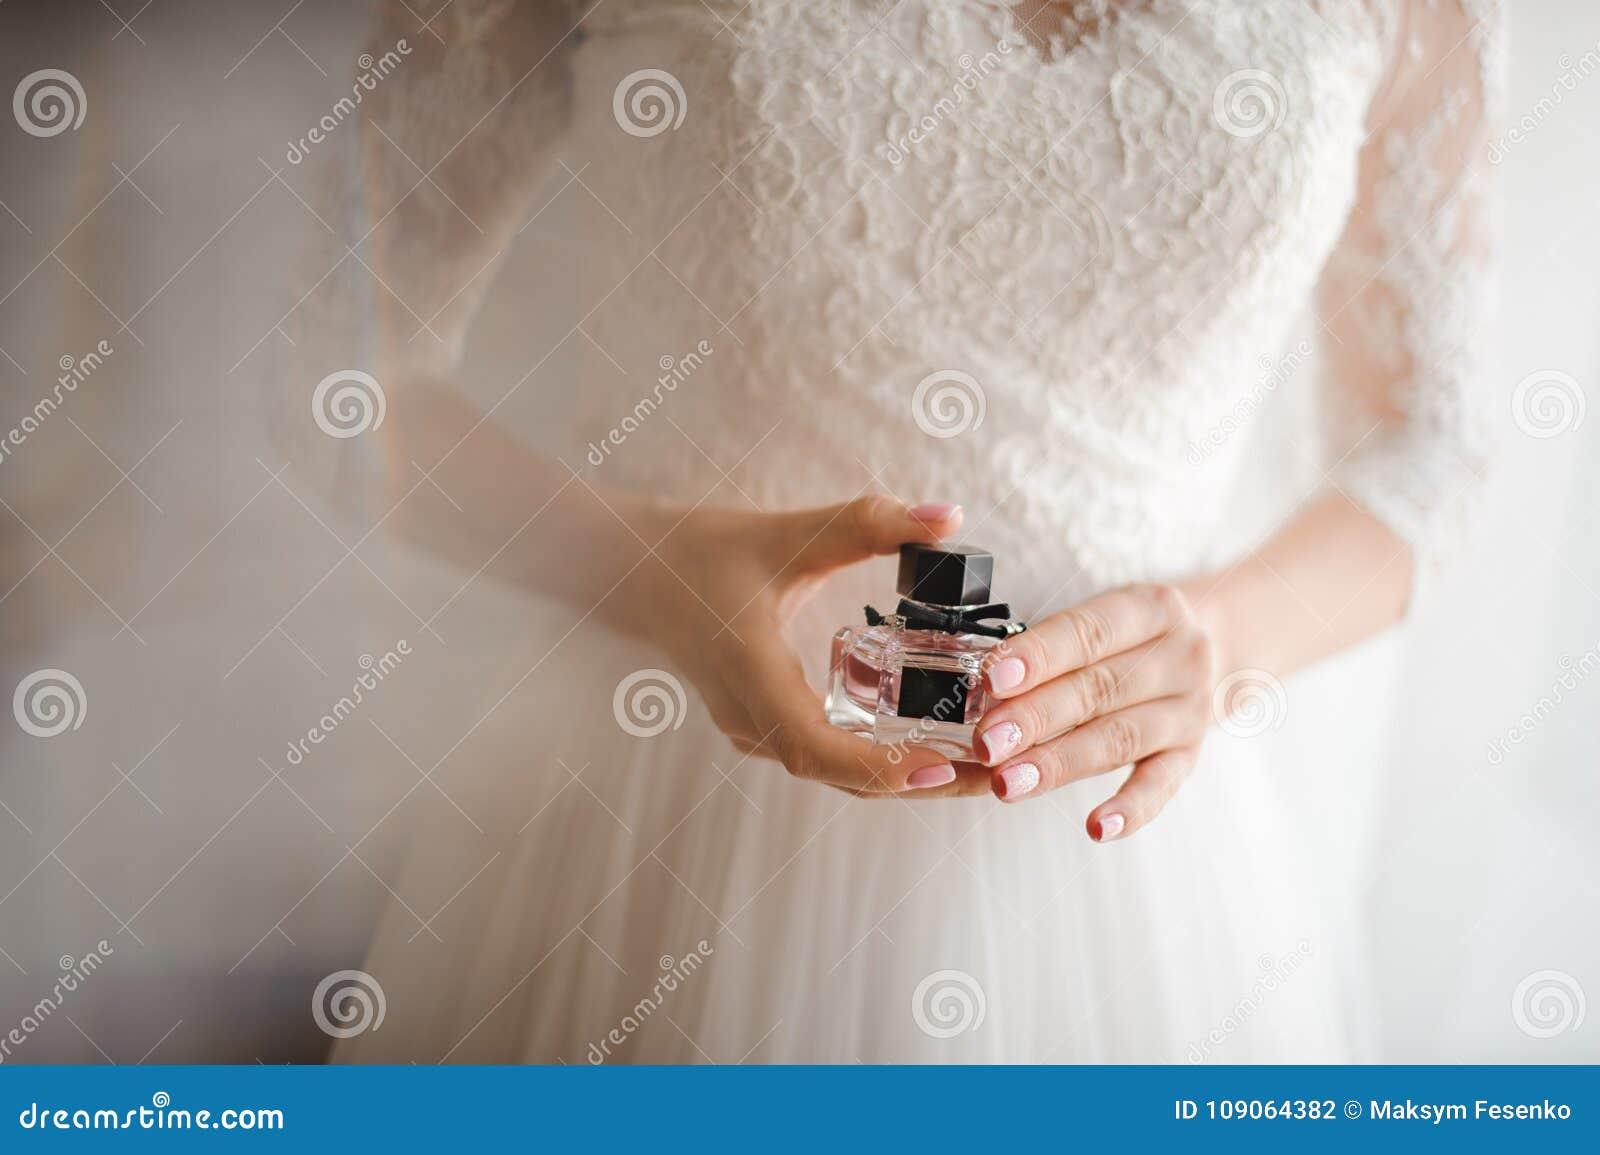 Braut mit französischer Maniküre hält eine Flasche Parfüm